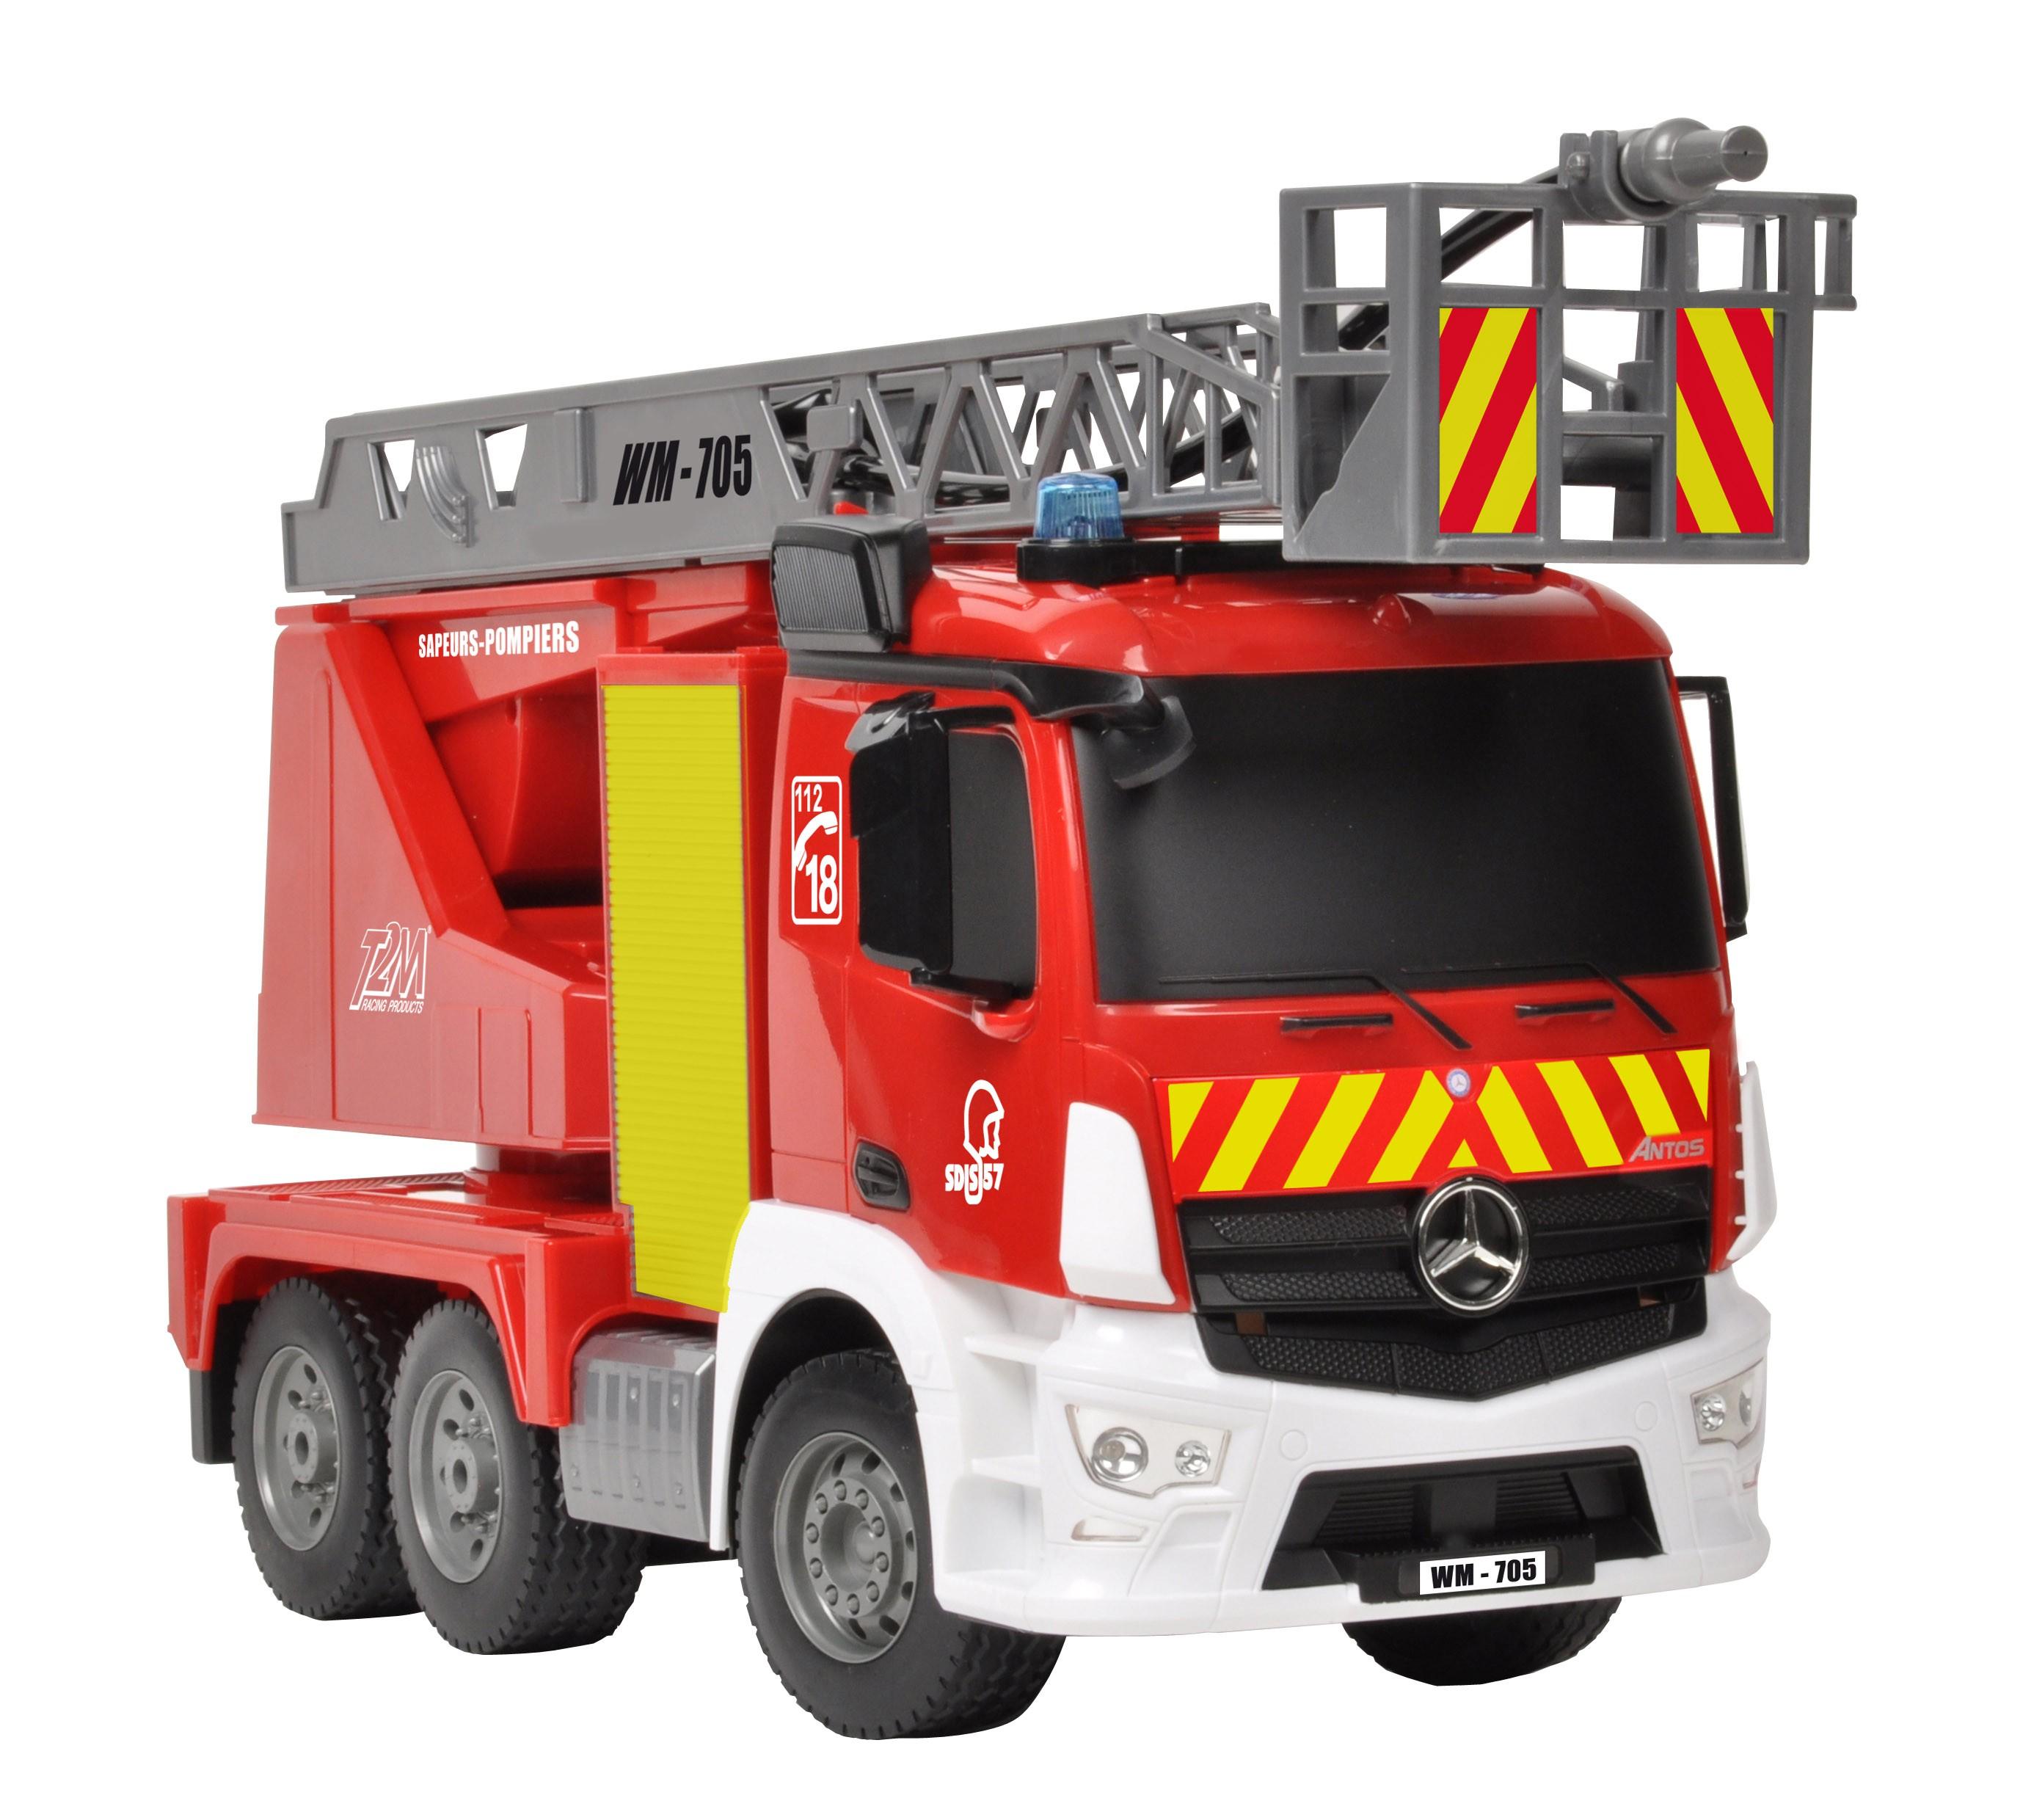 Camion de pompiers rc t2m 1 20 t2m t705 miniplanes - Image camion pompier ...